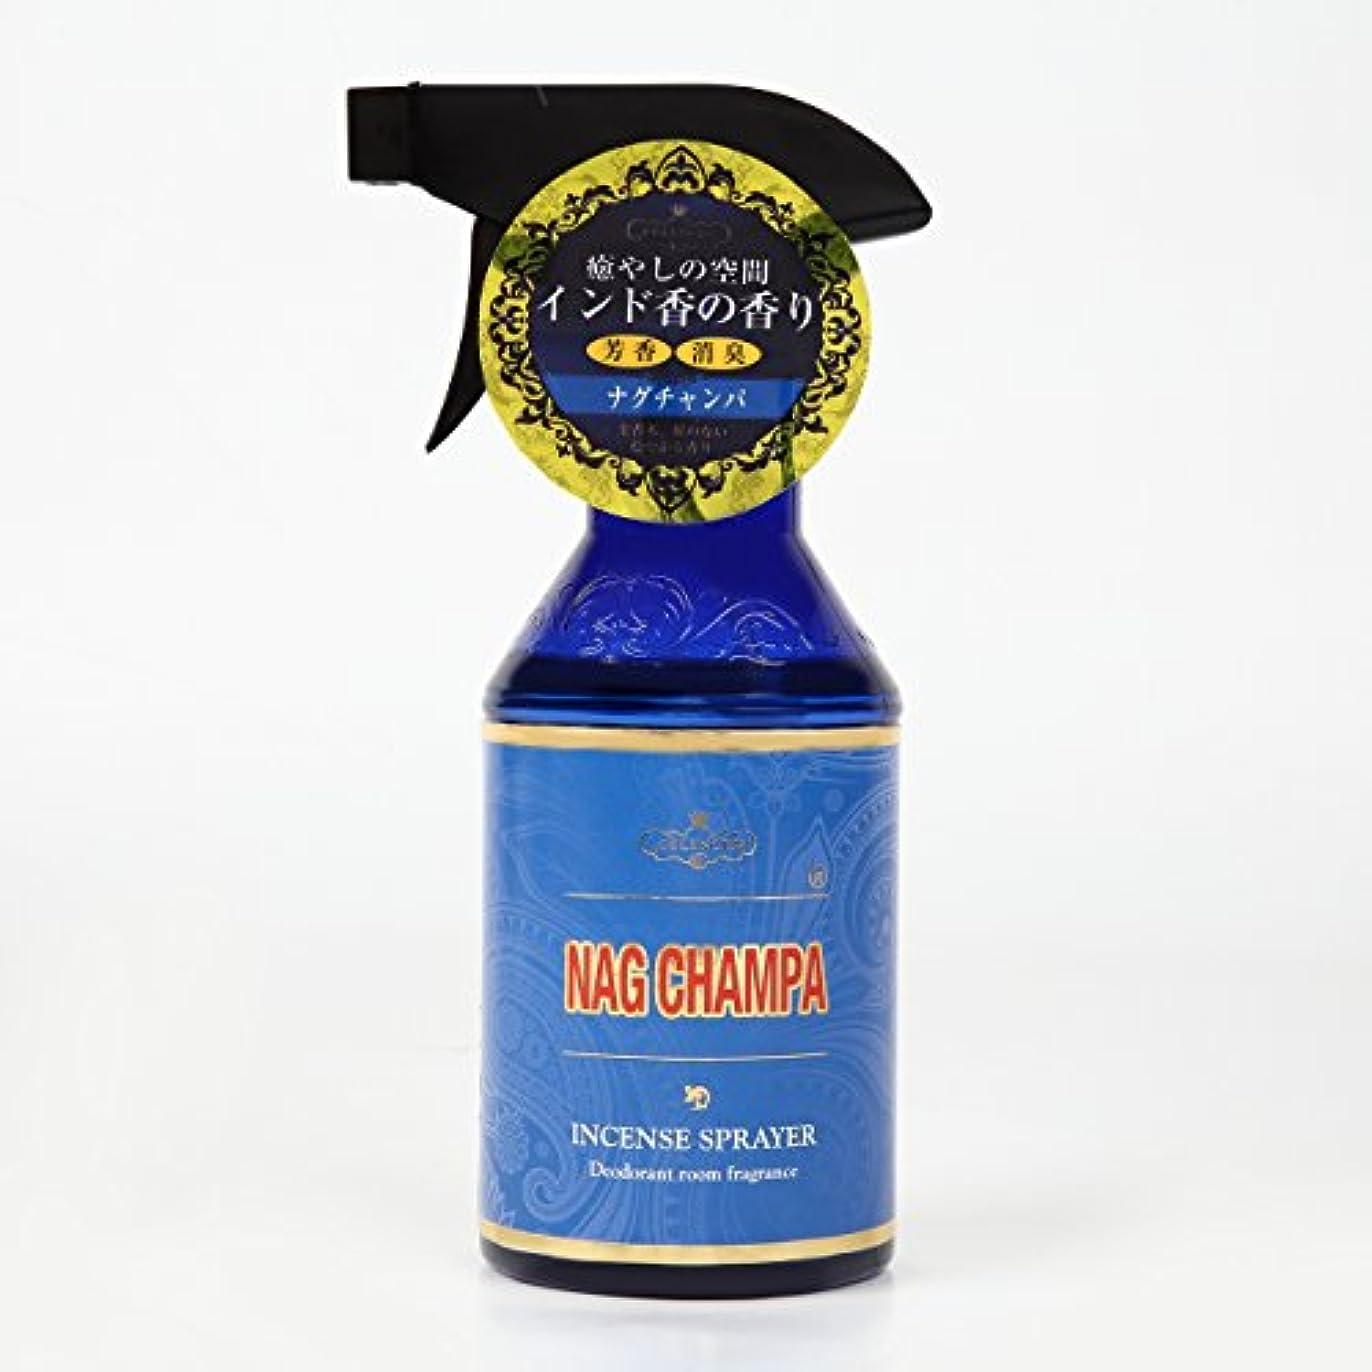 それから分離レインコートお香の香りの芳香剤 セレンスフレグランスルームスプレー ナグチャンパ